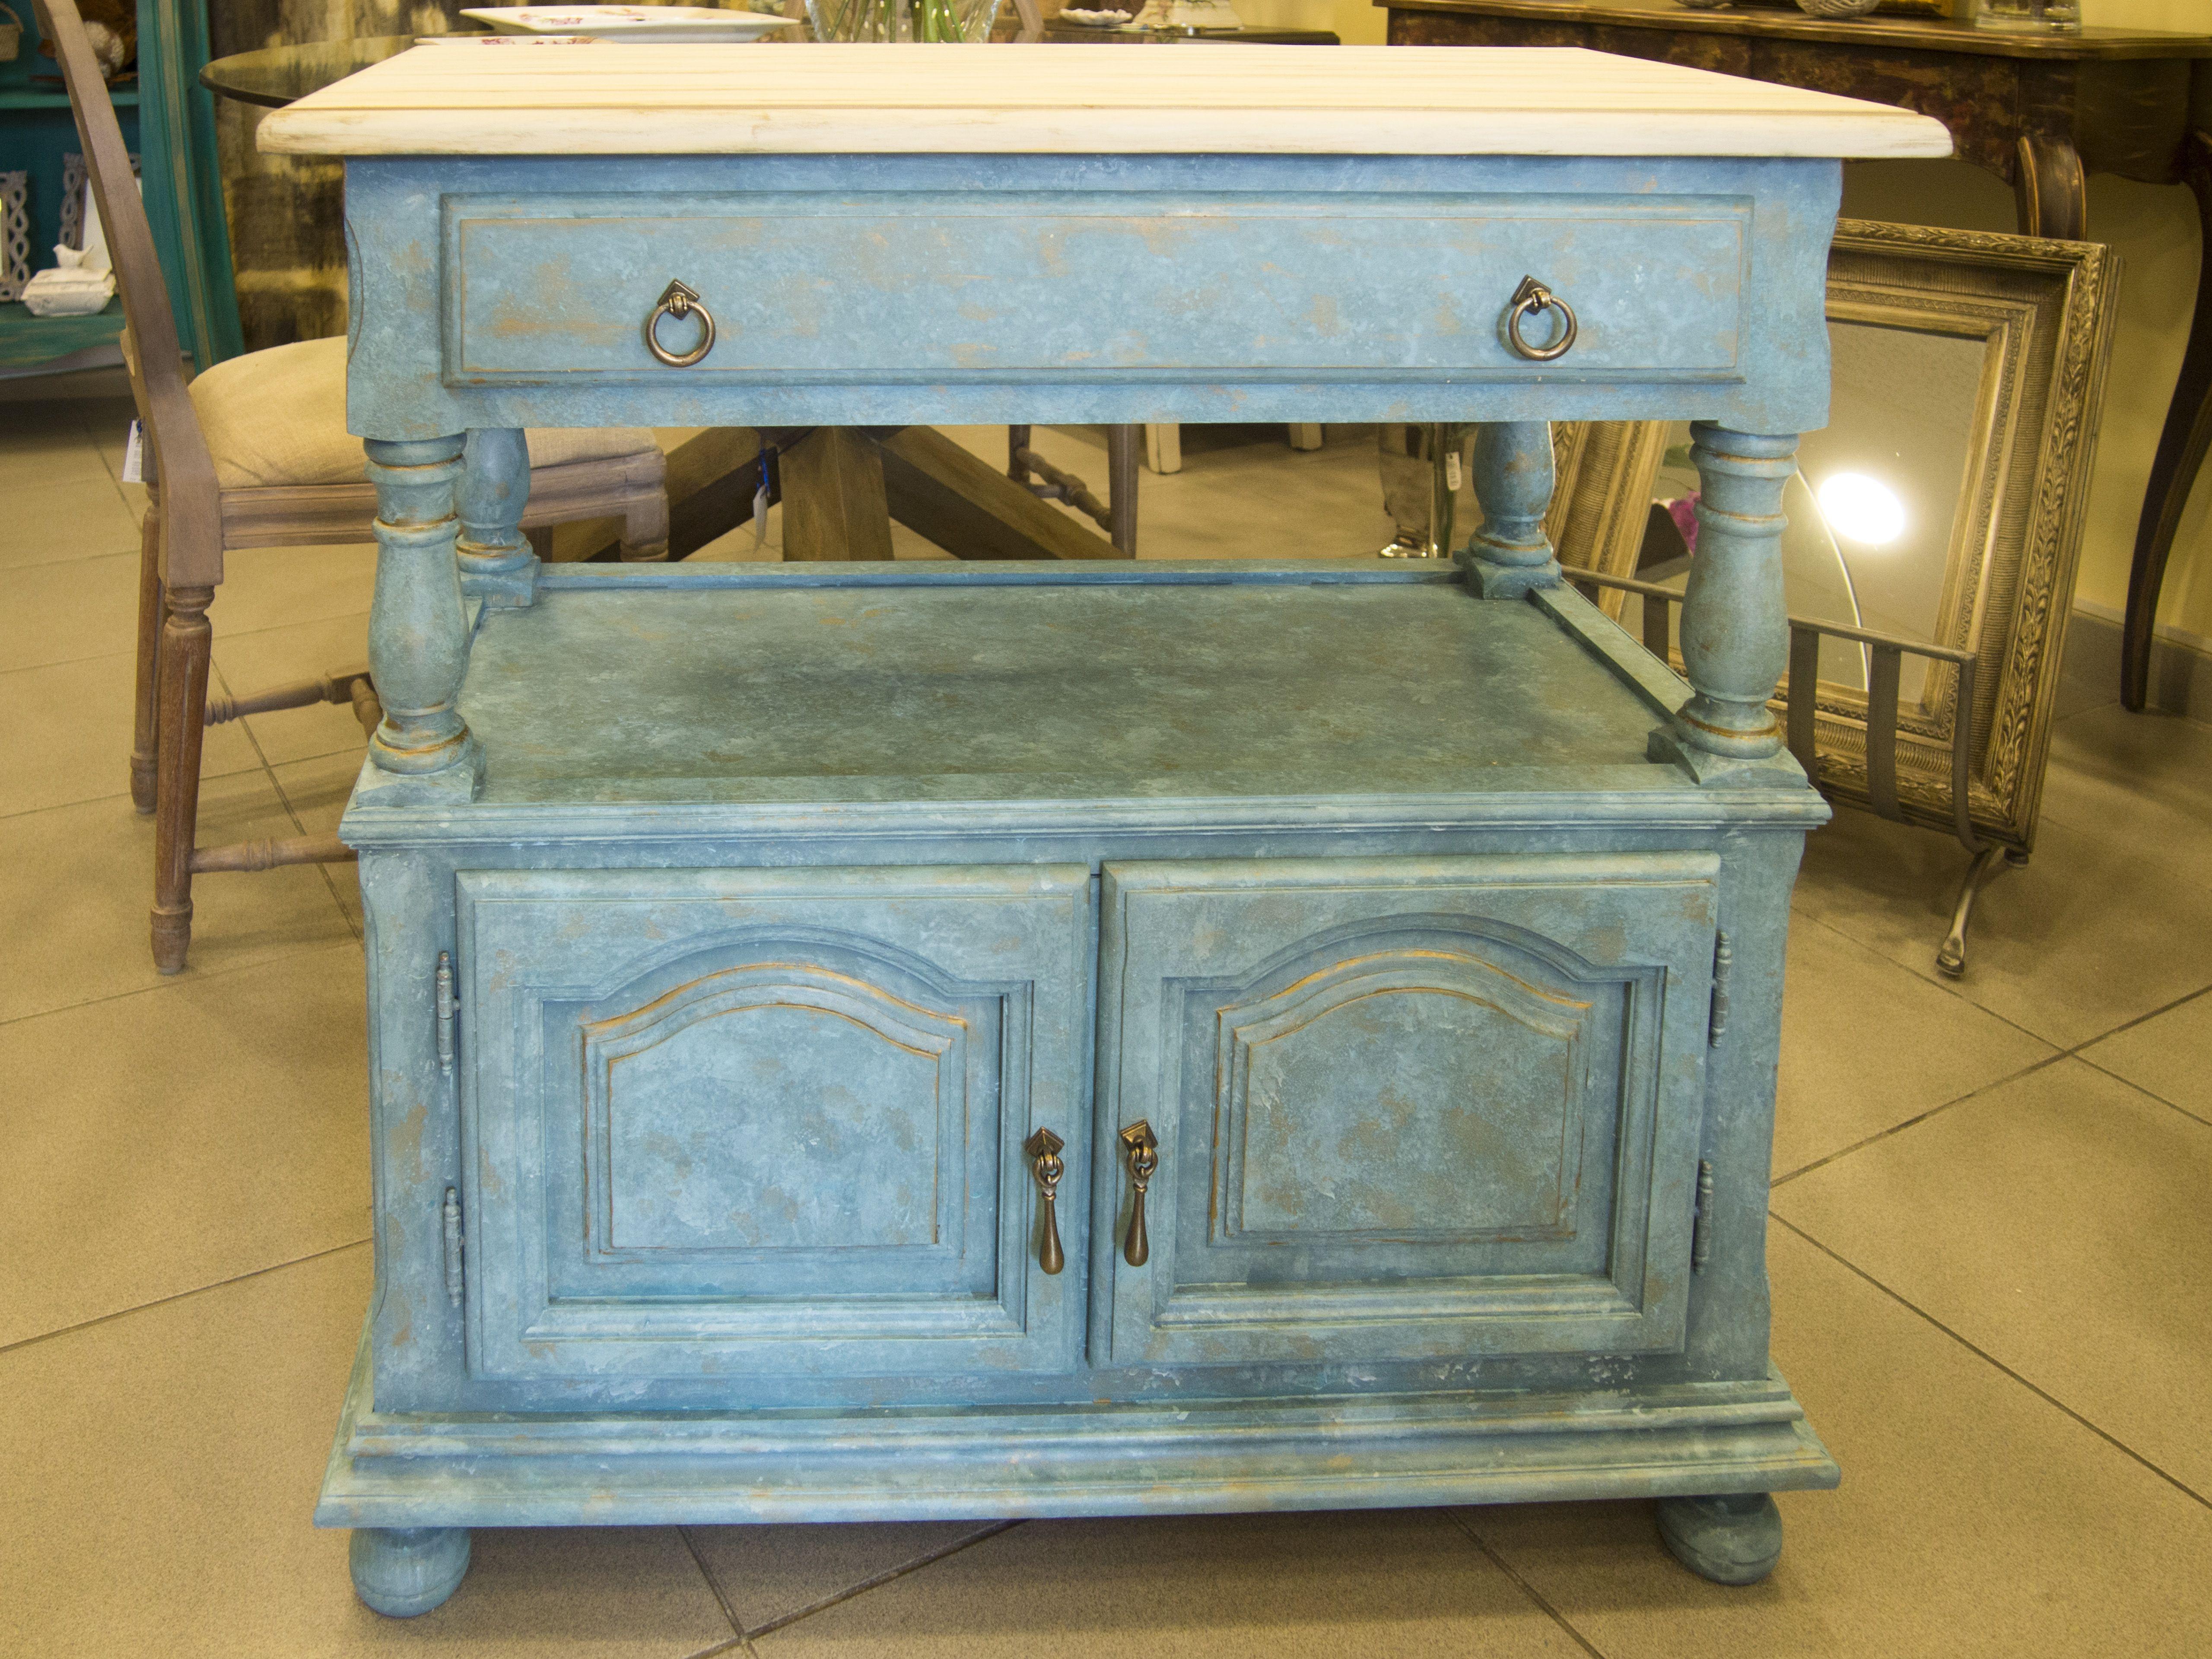 Mueble estilo provenzal pintado en tonos azules a la - Muebles en crudo para pintar ...